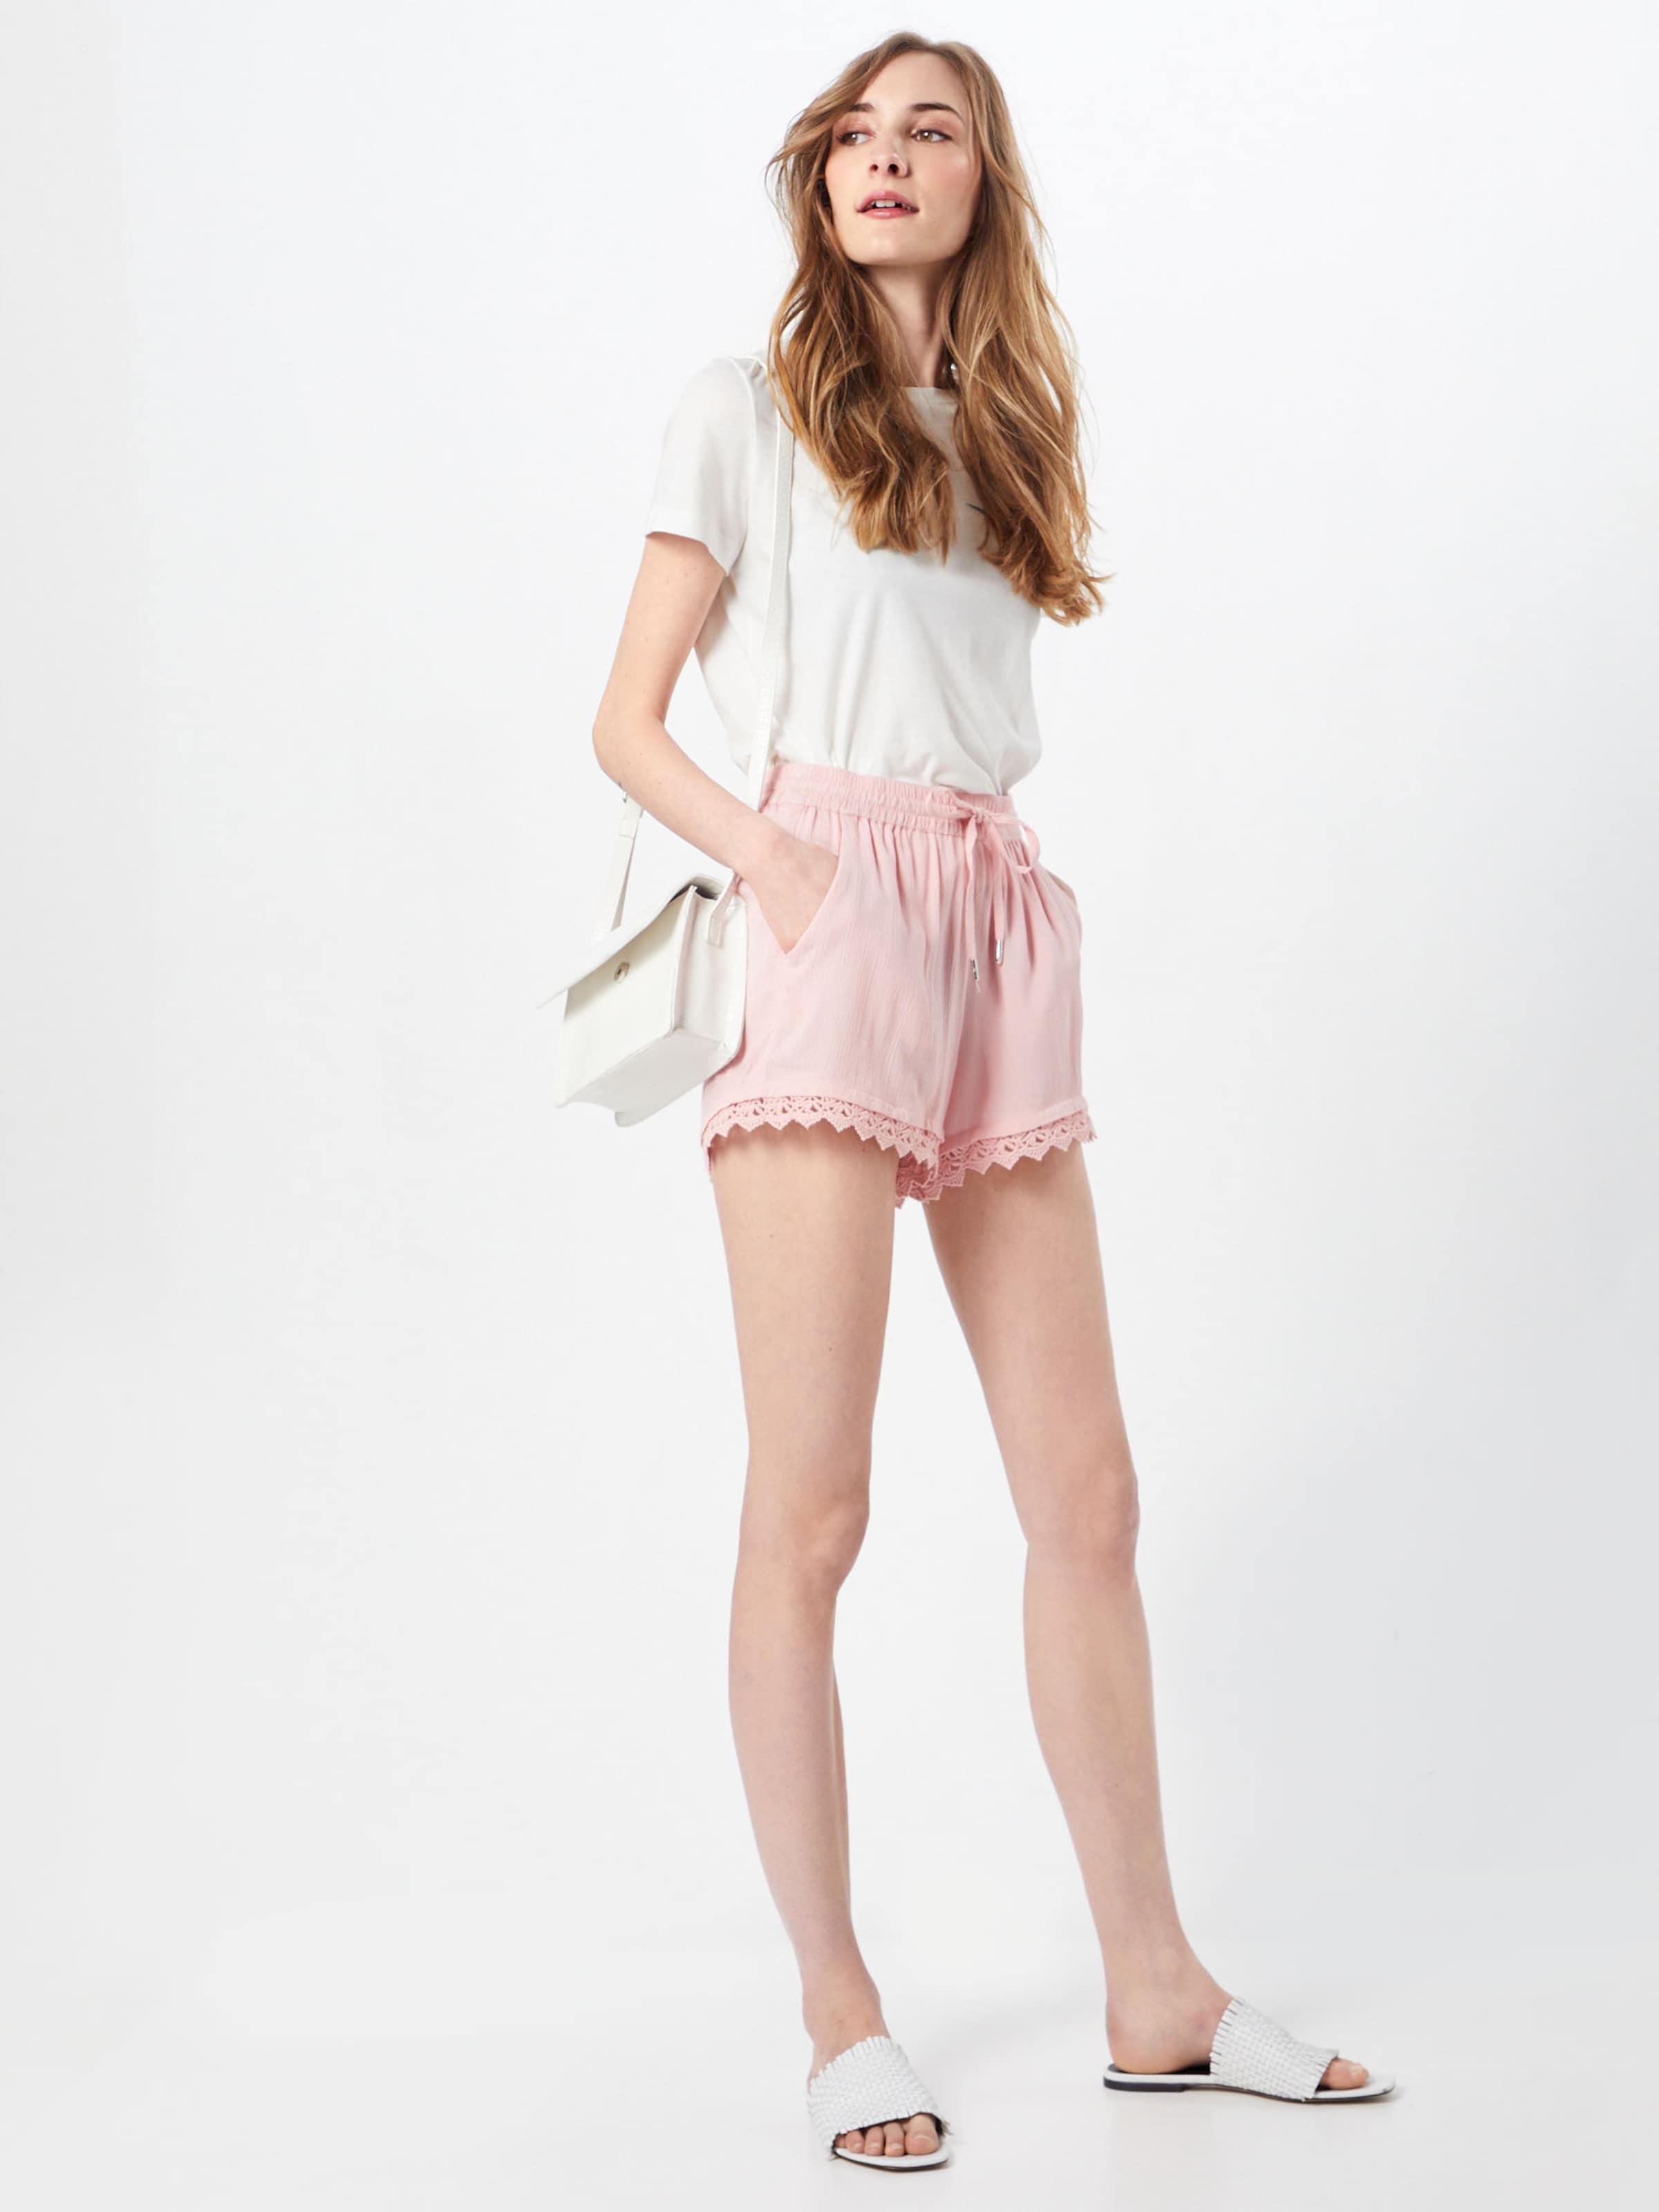 Rosa Tom Tailor Denim Shorts In 0wvmNnO8